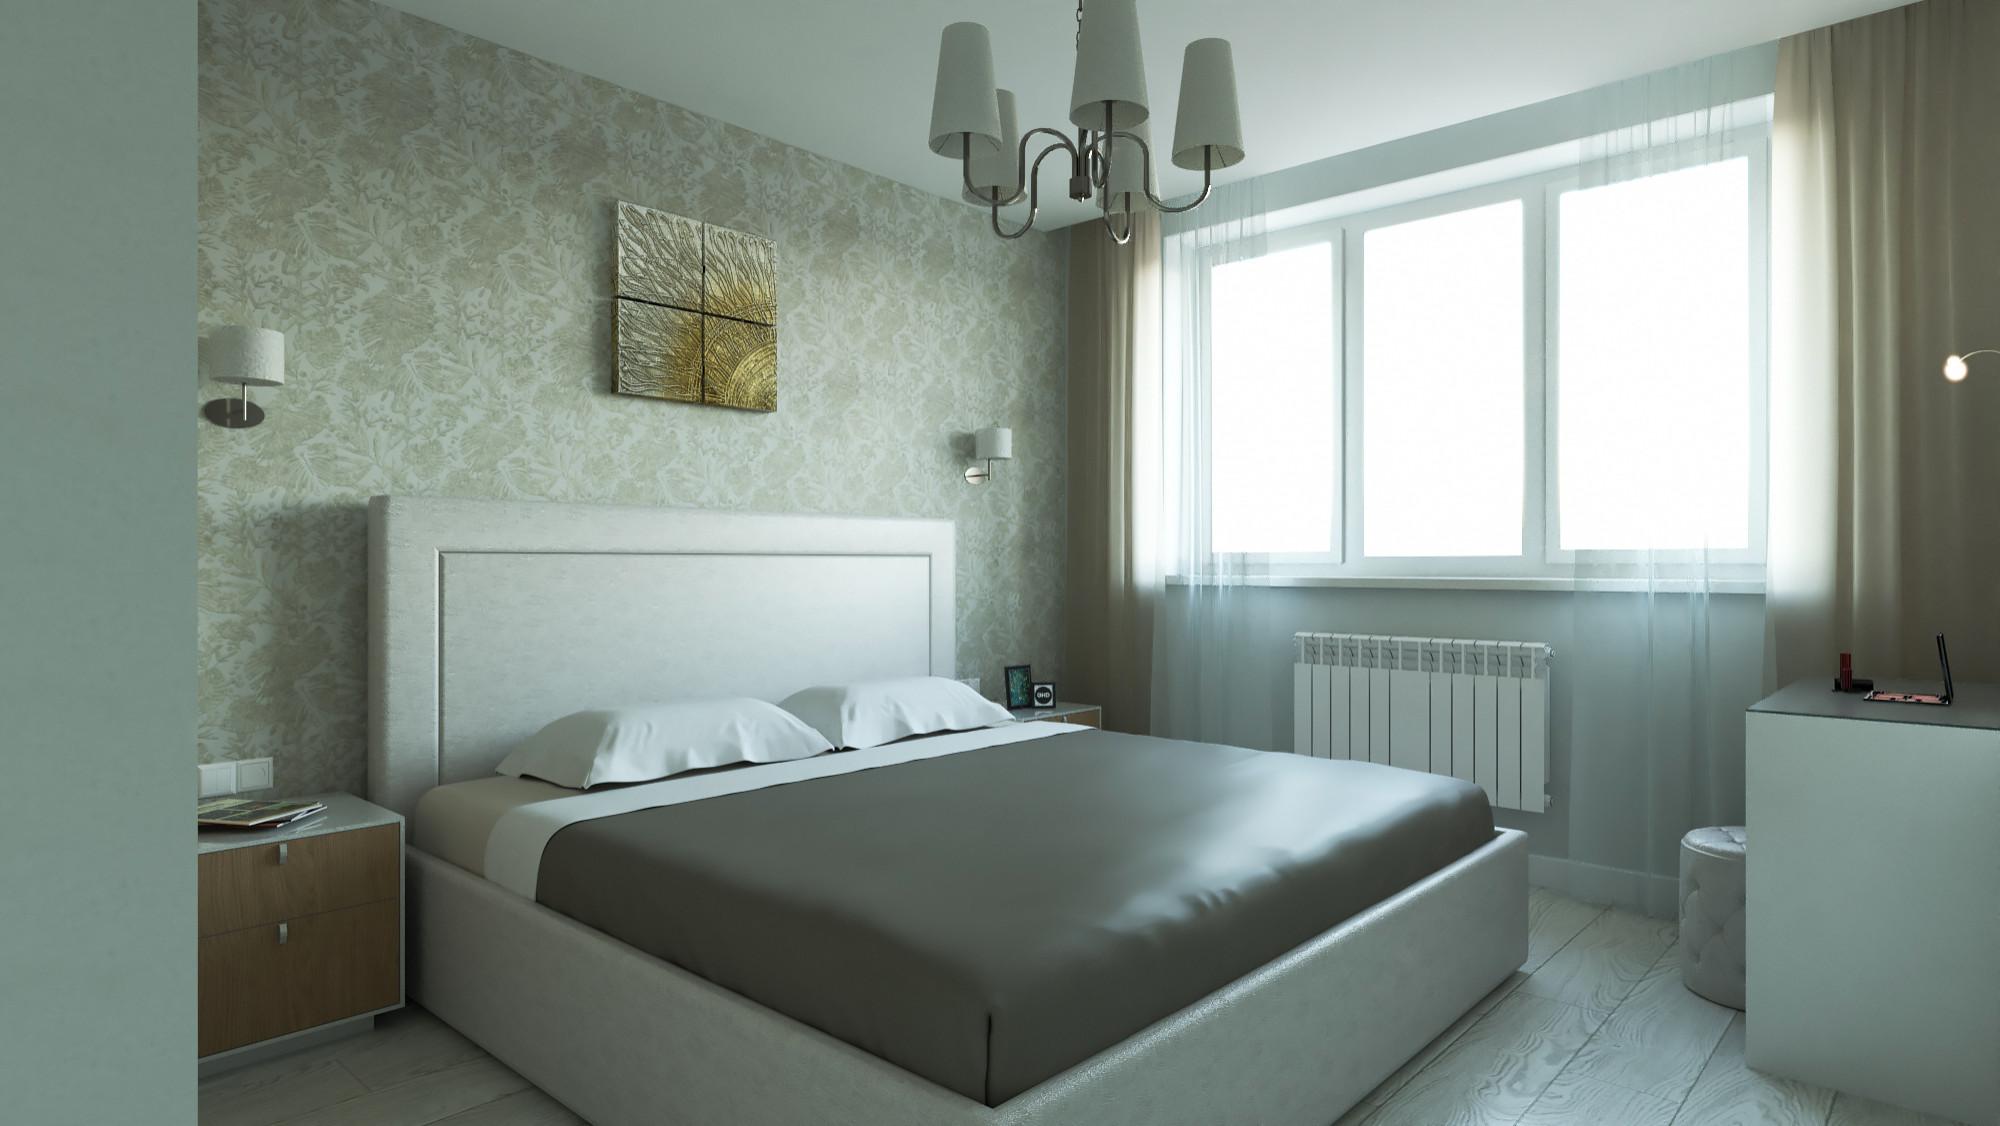 Трехкомнатная квартира 87 кв м в современном стиле, Одинцово